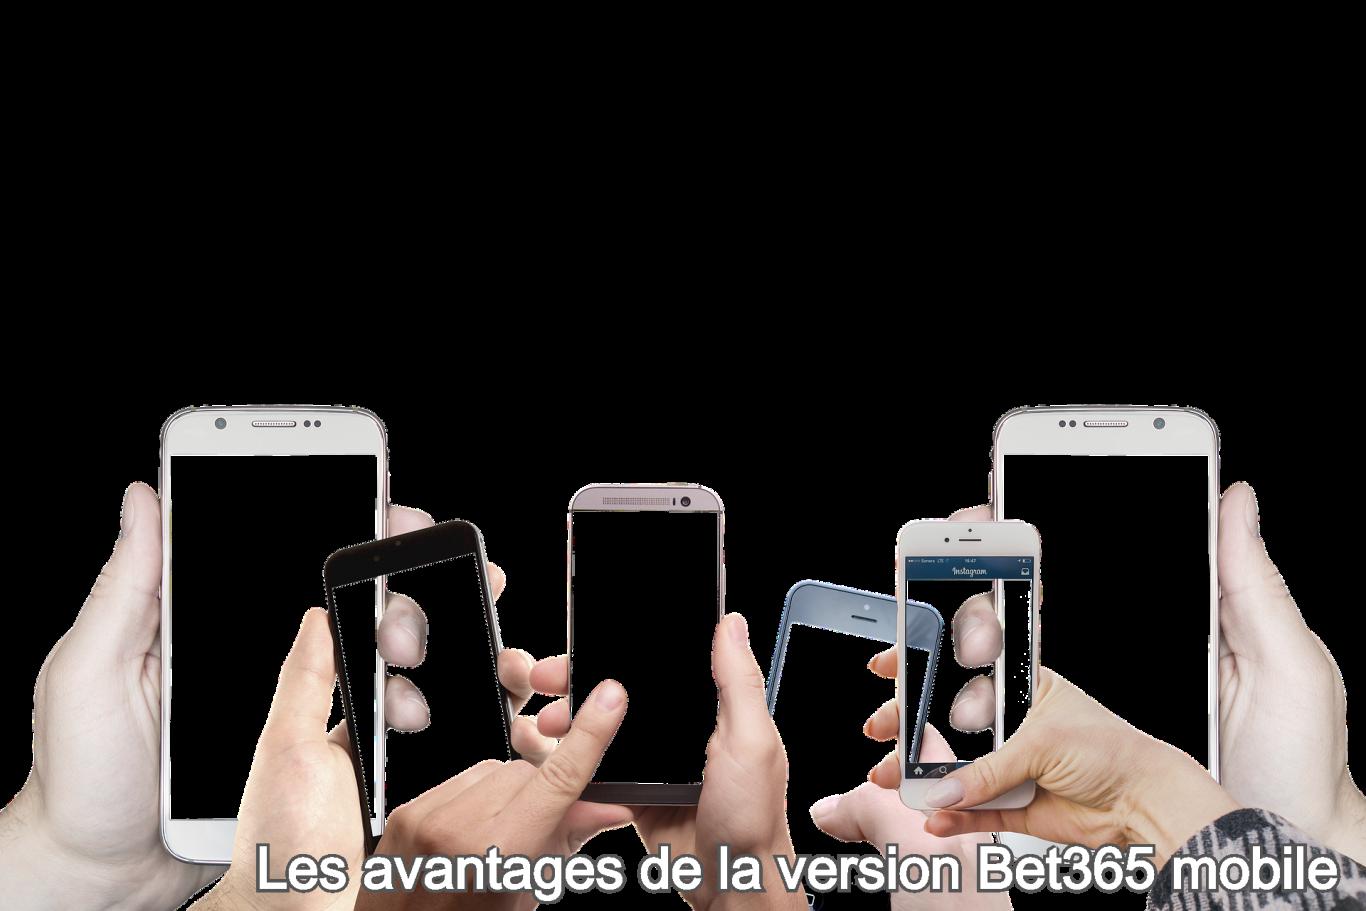 Les avantages de la version Bet365 mobile